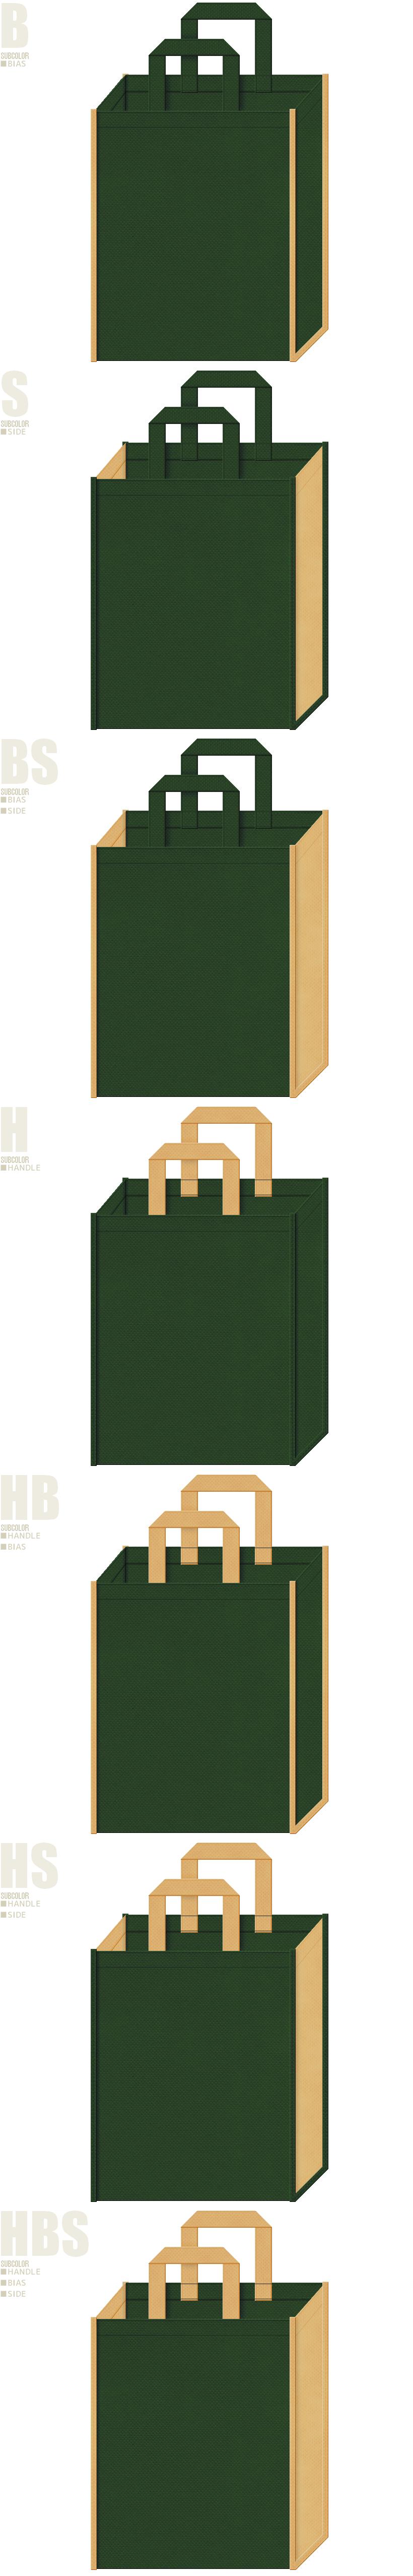 動物園・テーマパーク・探検・ジャングル・恐竜・サバンナ・サファリ・ラリー・アニマル・DIY・テント・タープ・チェア・登山・アウトドア・キャンプ用品の展示会用バッグにお奨めの不織布バッグデザイン:濃緑色と薄黄土色の配色7パターン